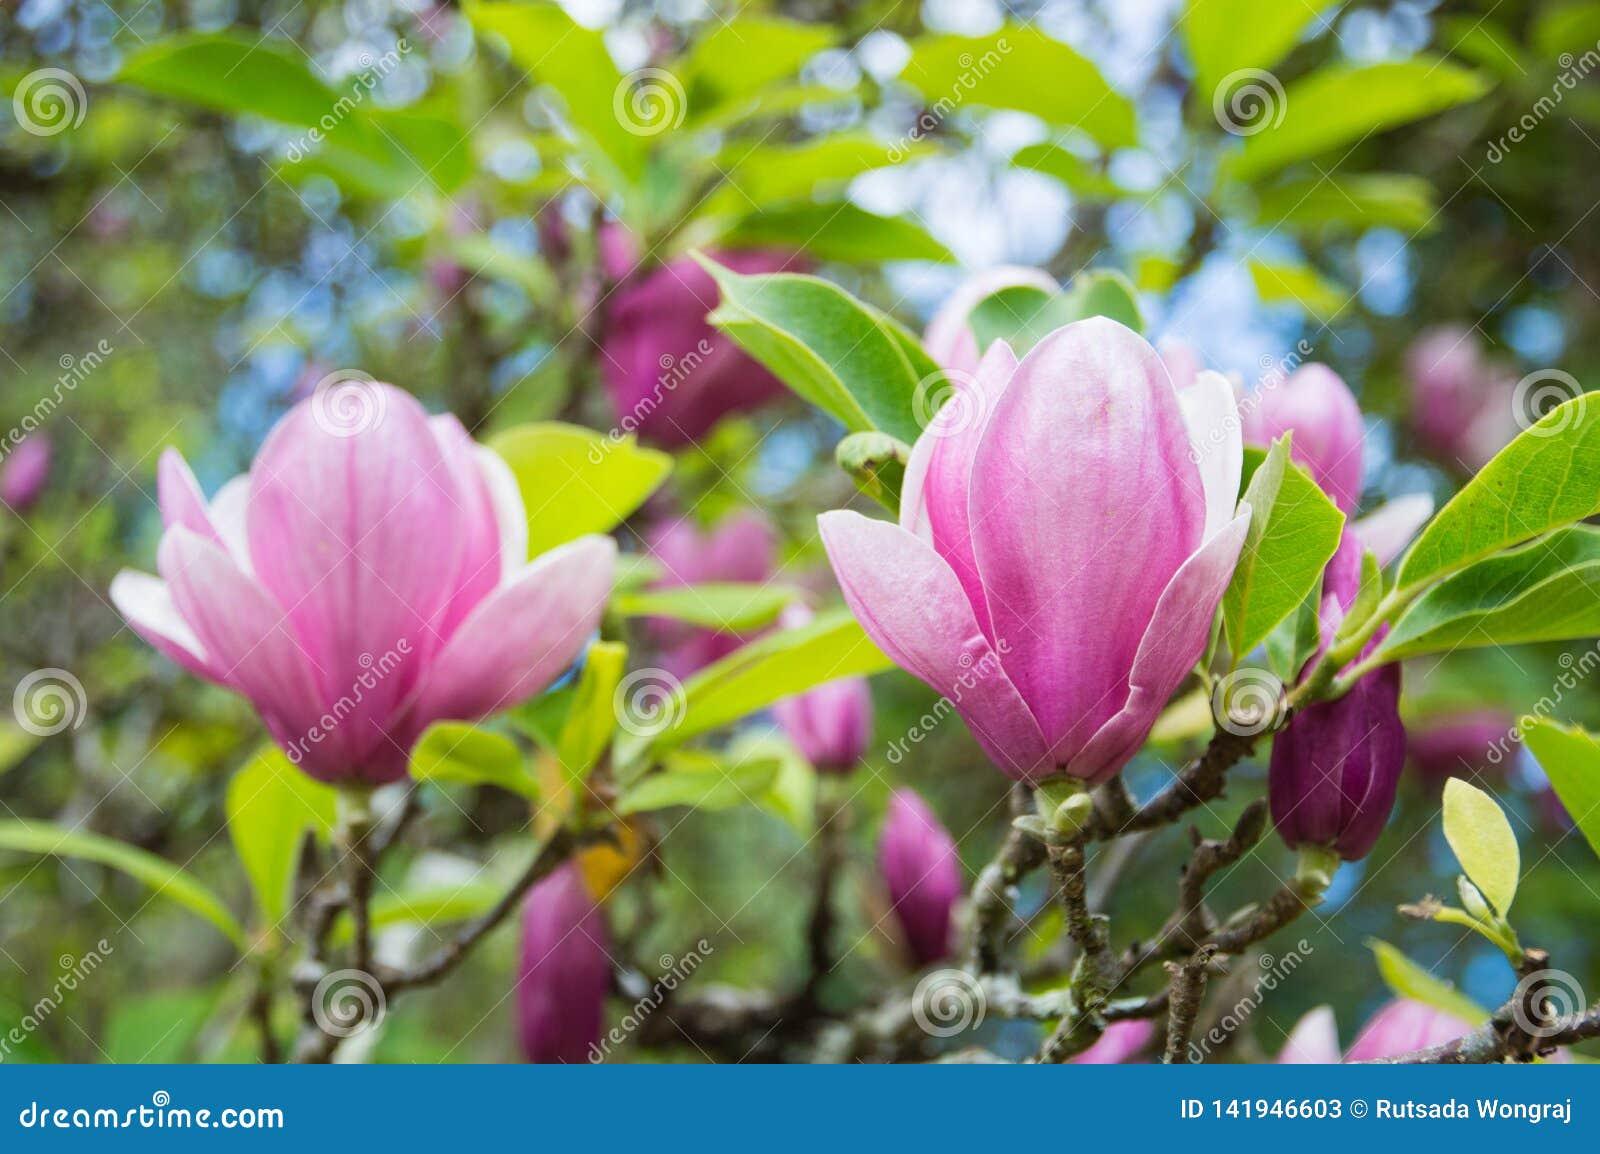 桃红色木兰花在庭院里